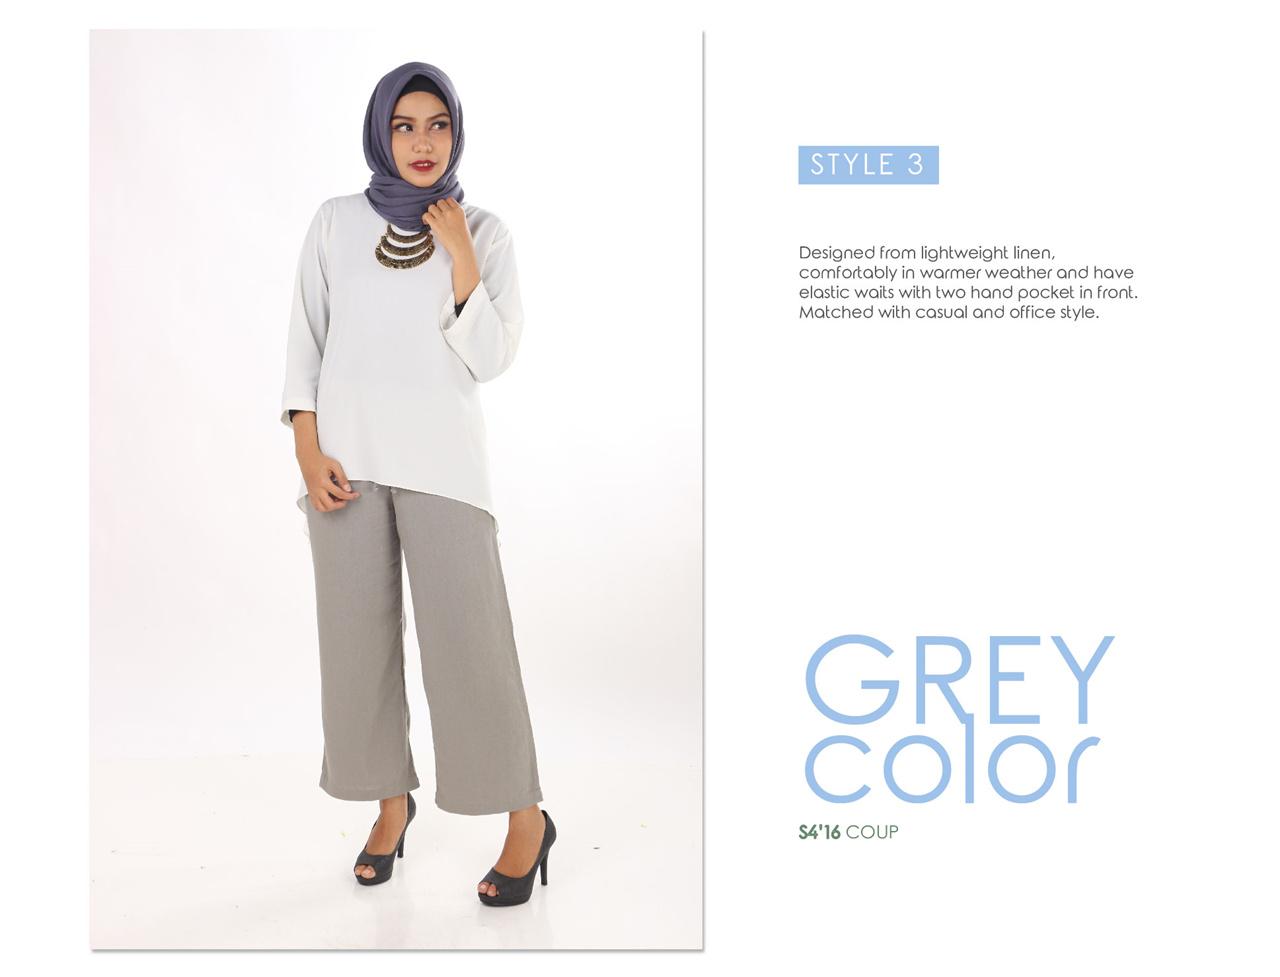 Coup S4 Women Classic Long Stripes Kulot Celana Panjang Men Bermuda Pendek Pria Korean Brand Hijab Look